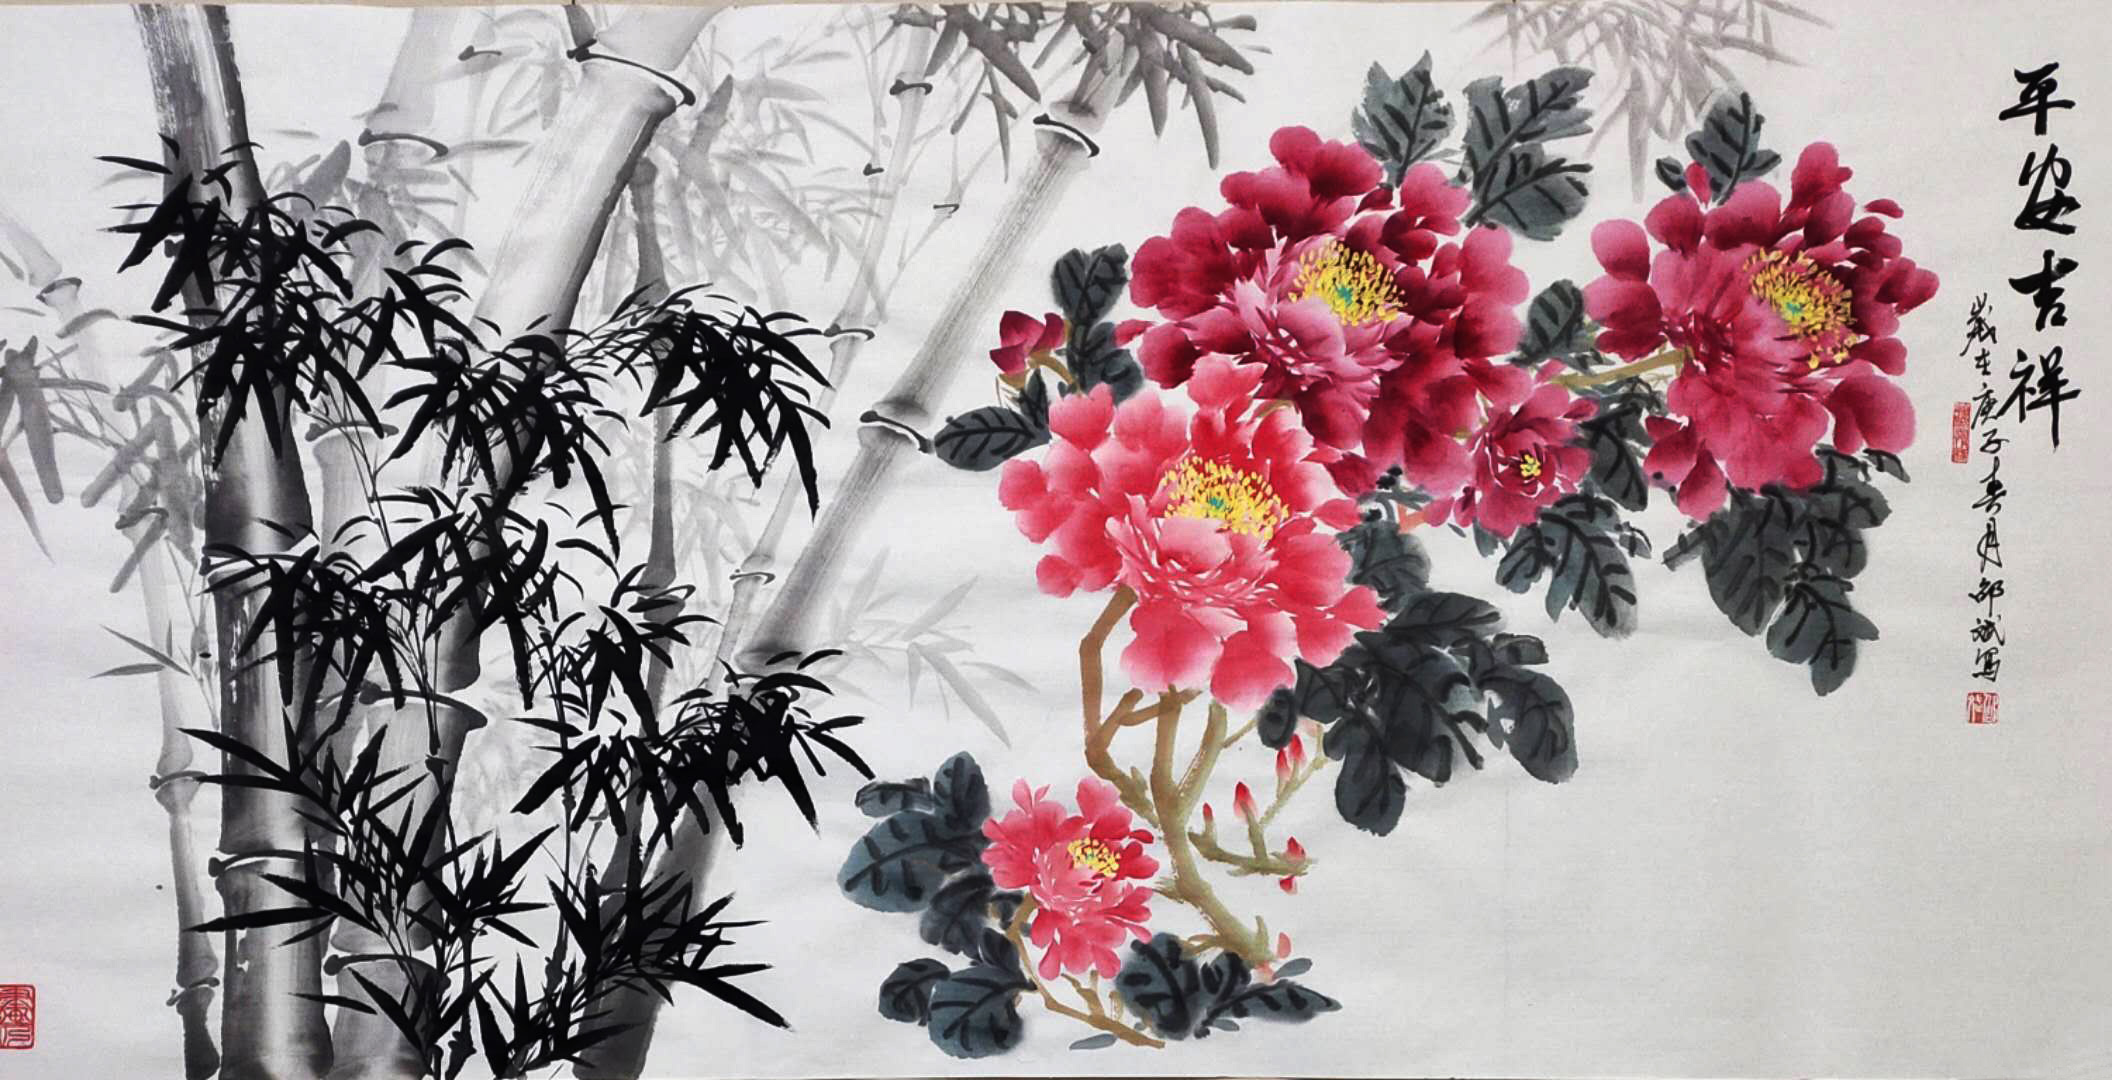 平安吉祥中国画 竹子牡丹 岁在庚子春月邵斌写意花鸟画